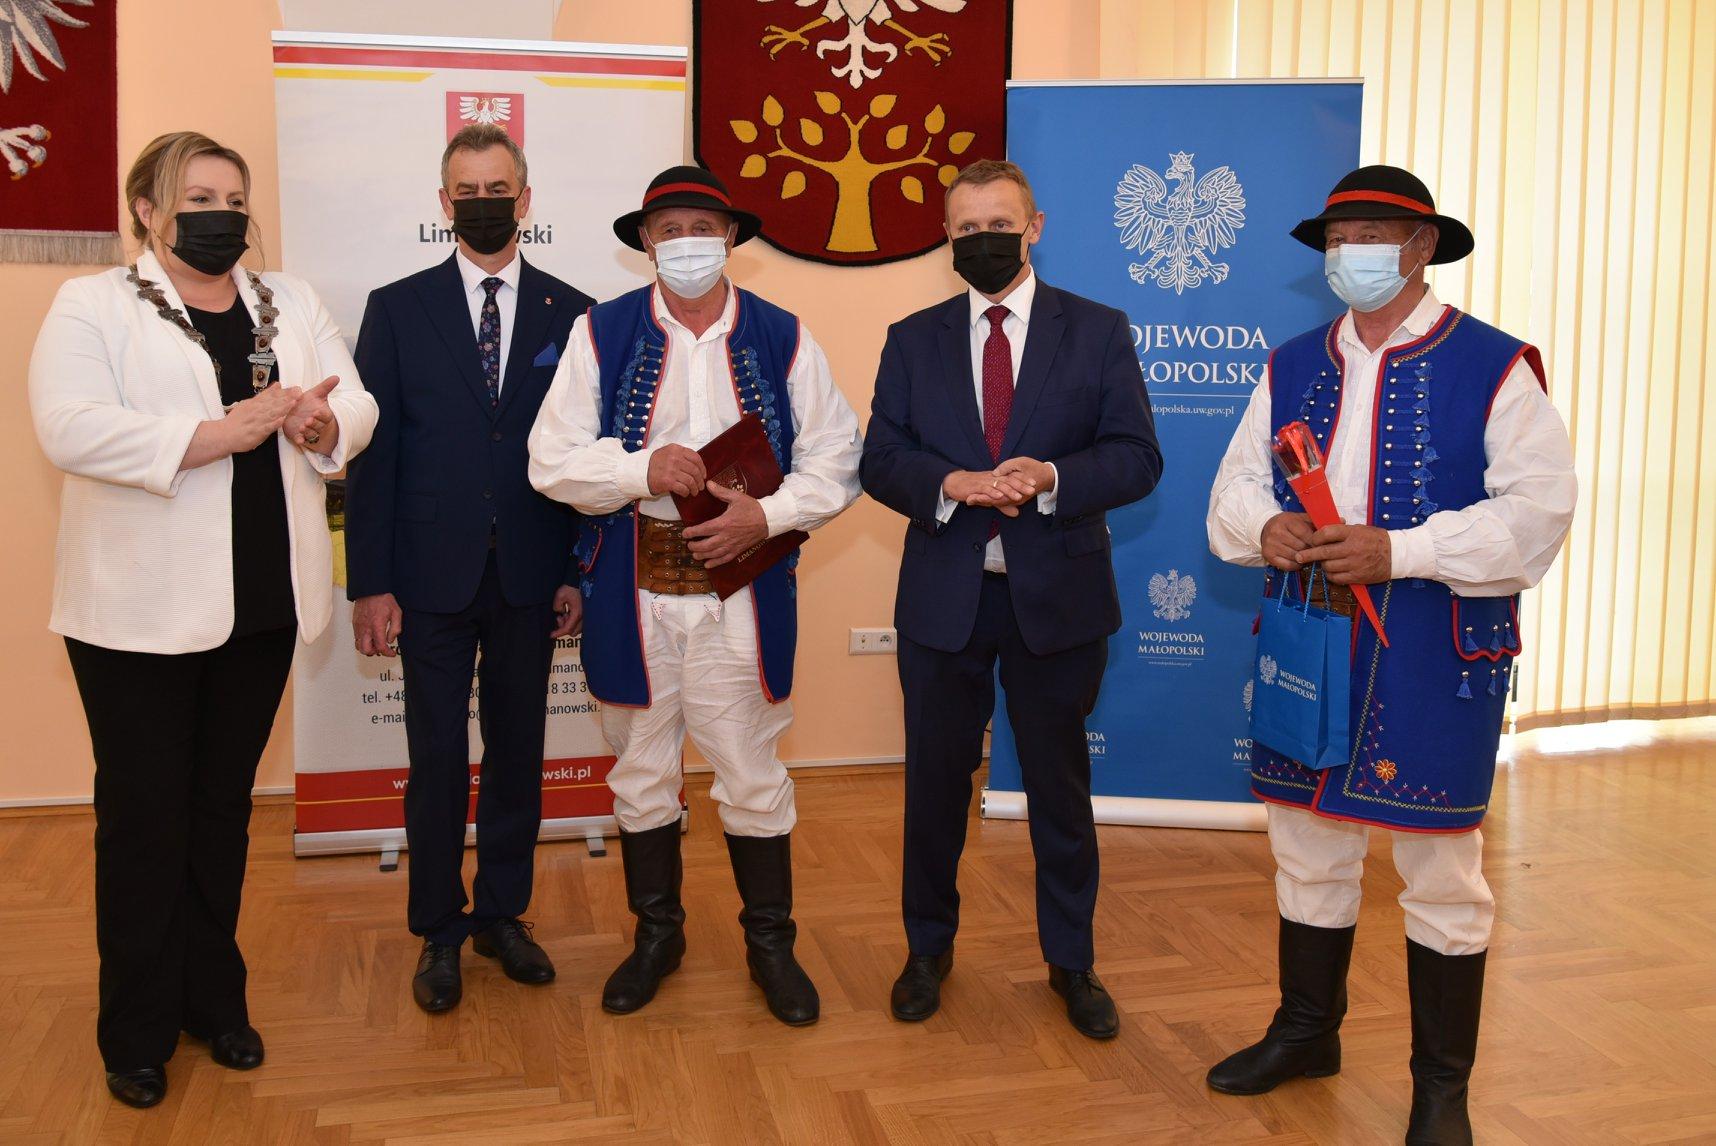 Gminni artyści nagrodzeni przez Zarząd Powiatu Limanowskiego - zdjęcie główne